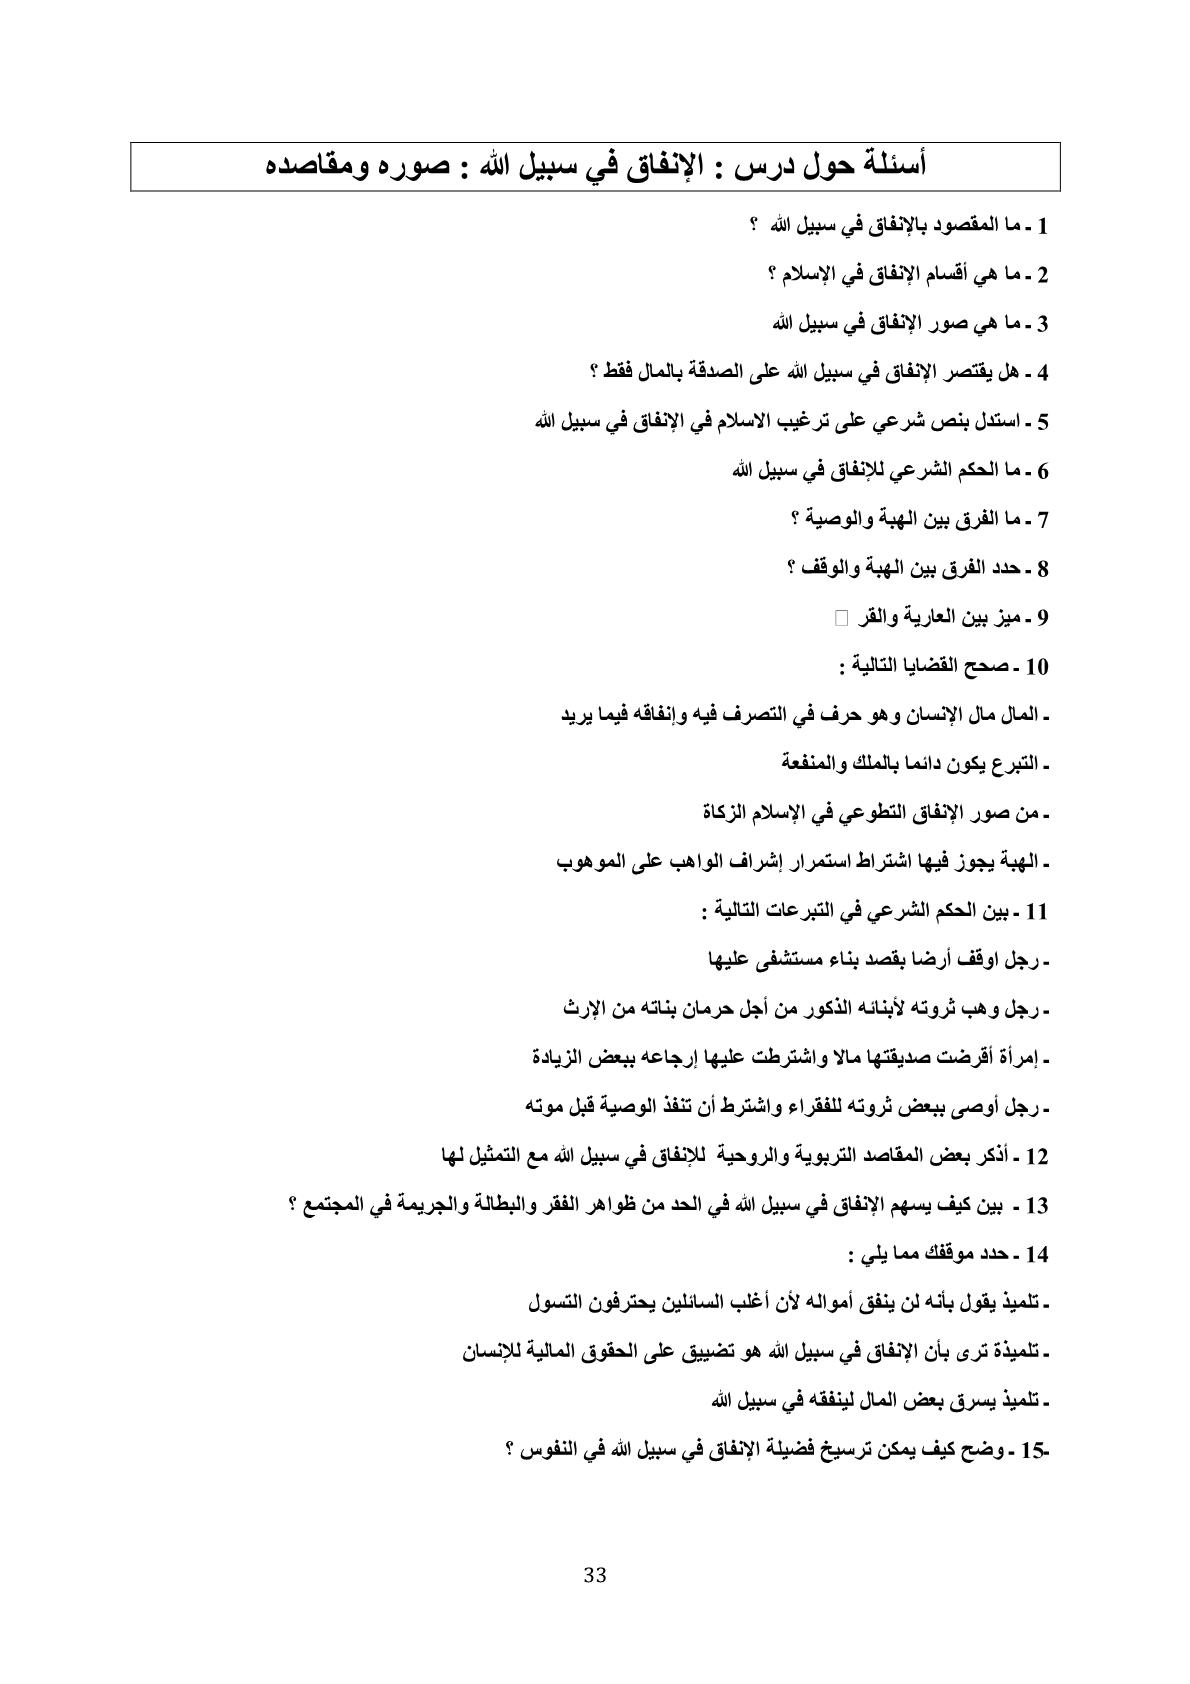 تمارين وأسئلة درس الإنفاق في سبيل الله صوره ومقاصده الثالثة اعدادي